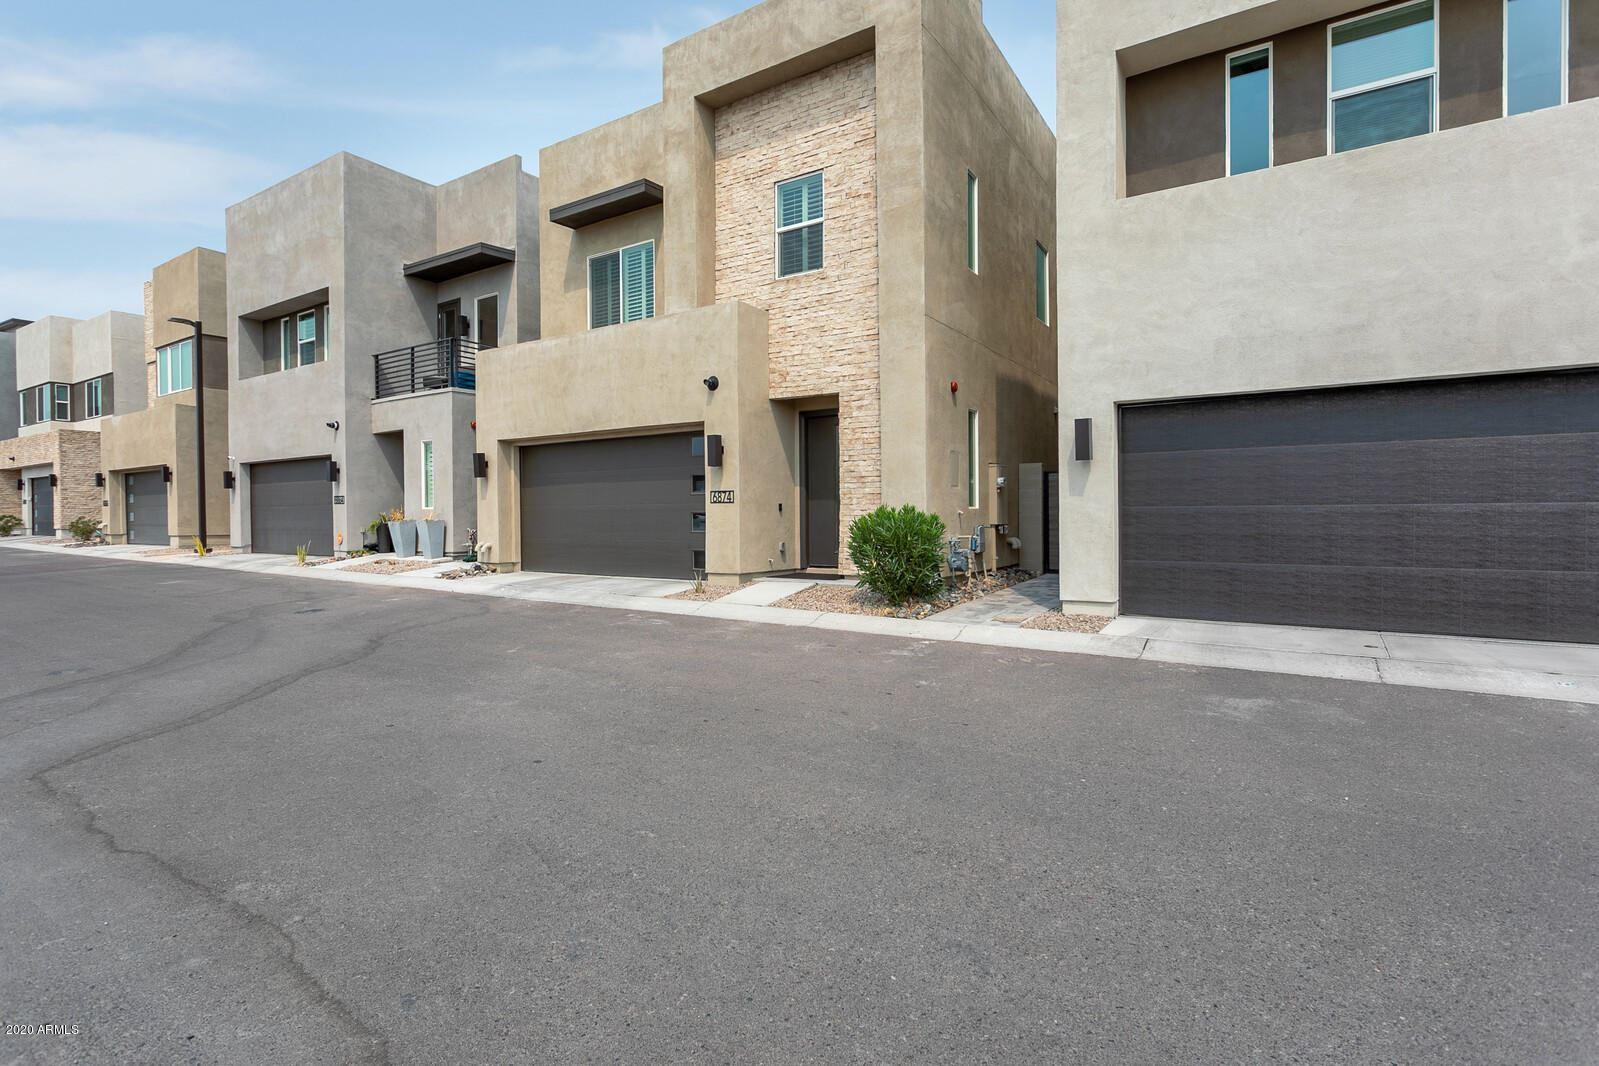 6874 E LYRA Drive, Scottsdale, AZ 85257 - MLS#: 6129711